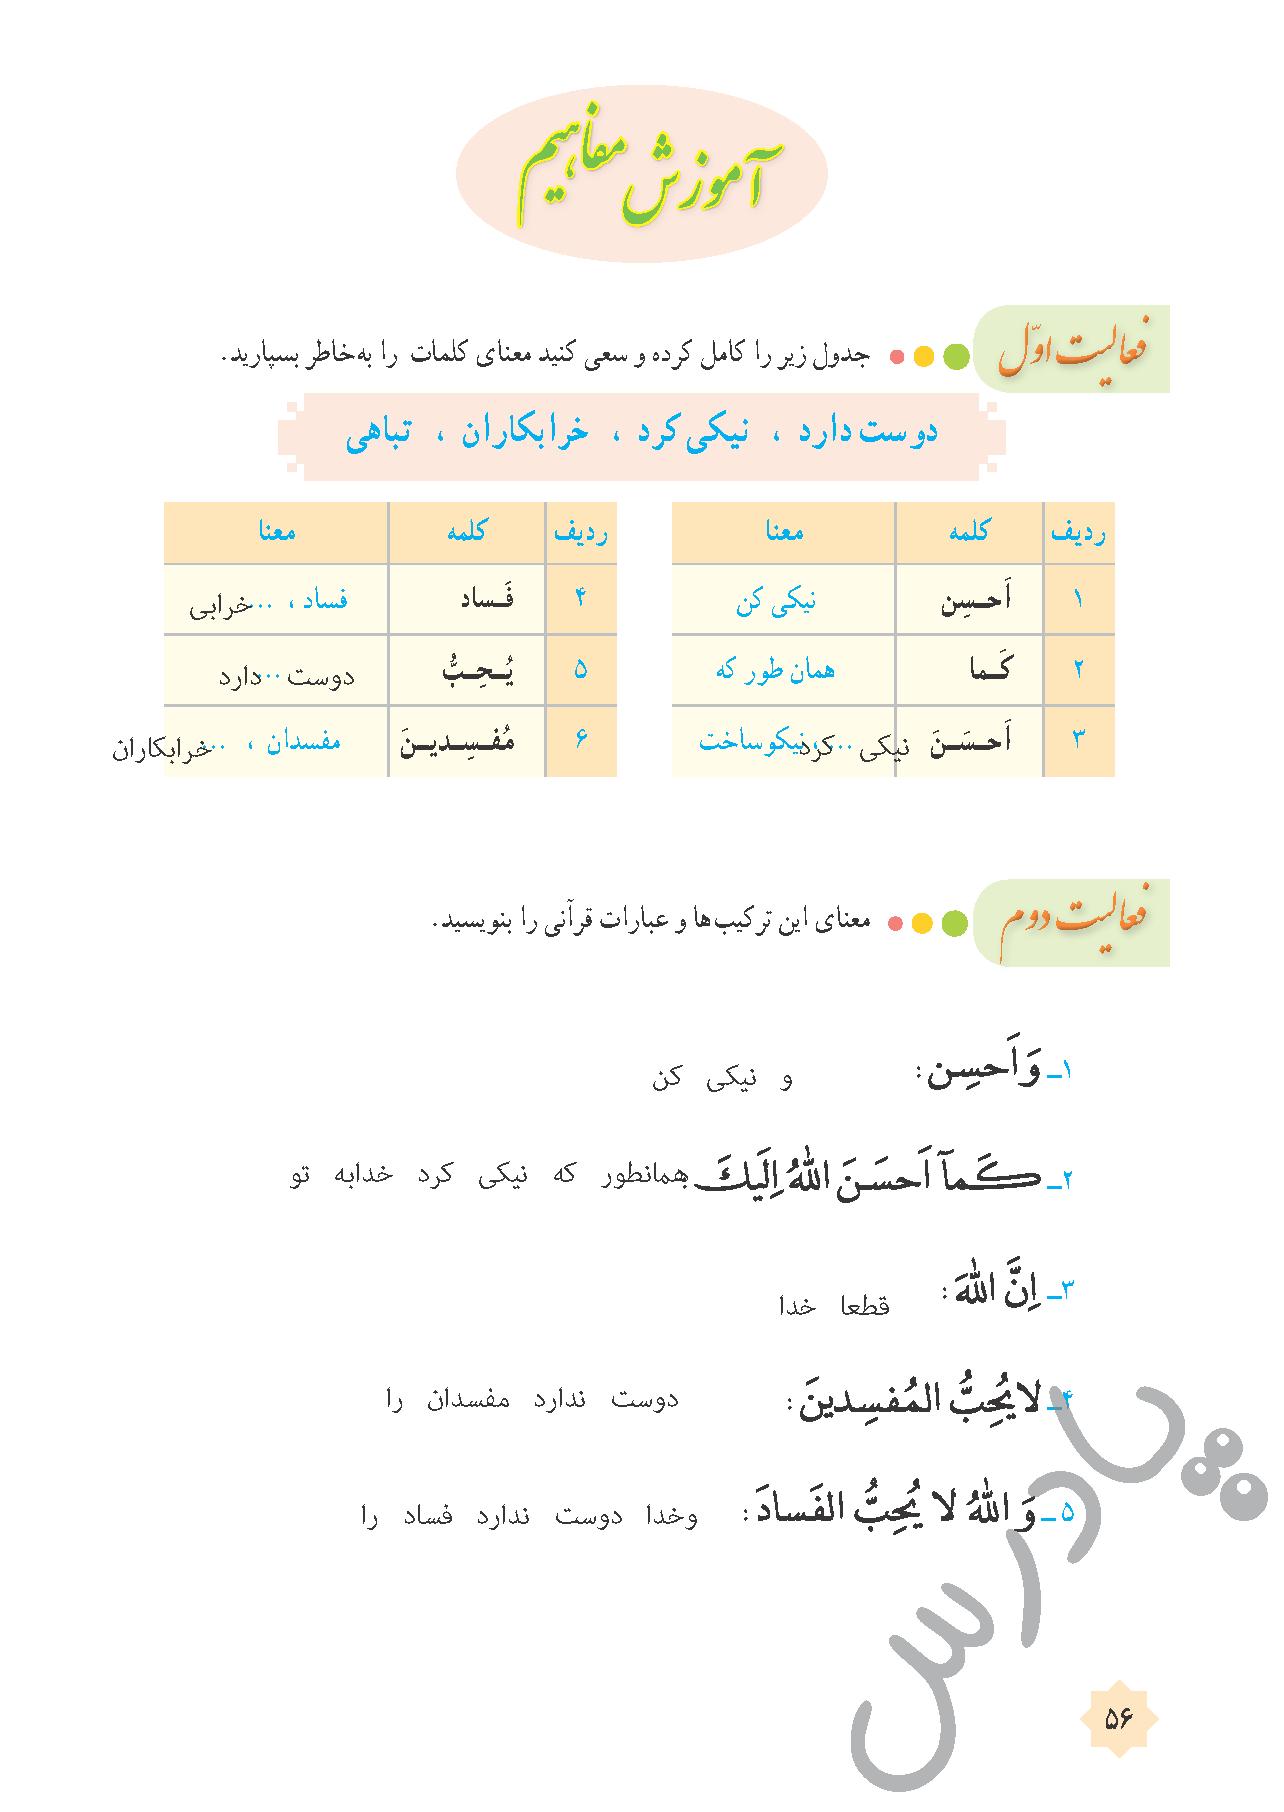 پاسخ فعالیت های درس 5 قرآن هشتم -جلسه دوم